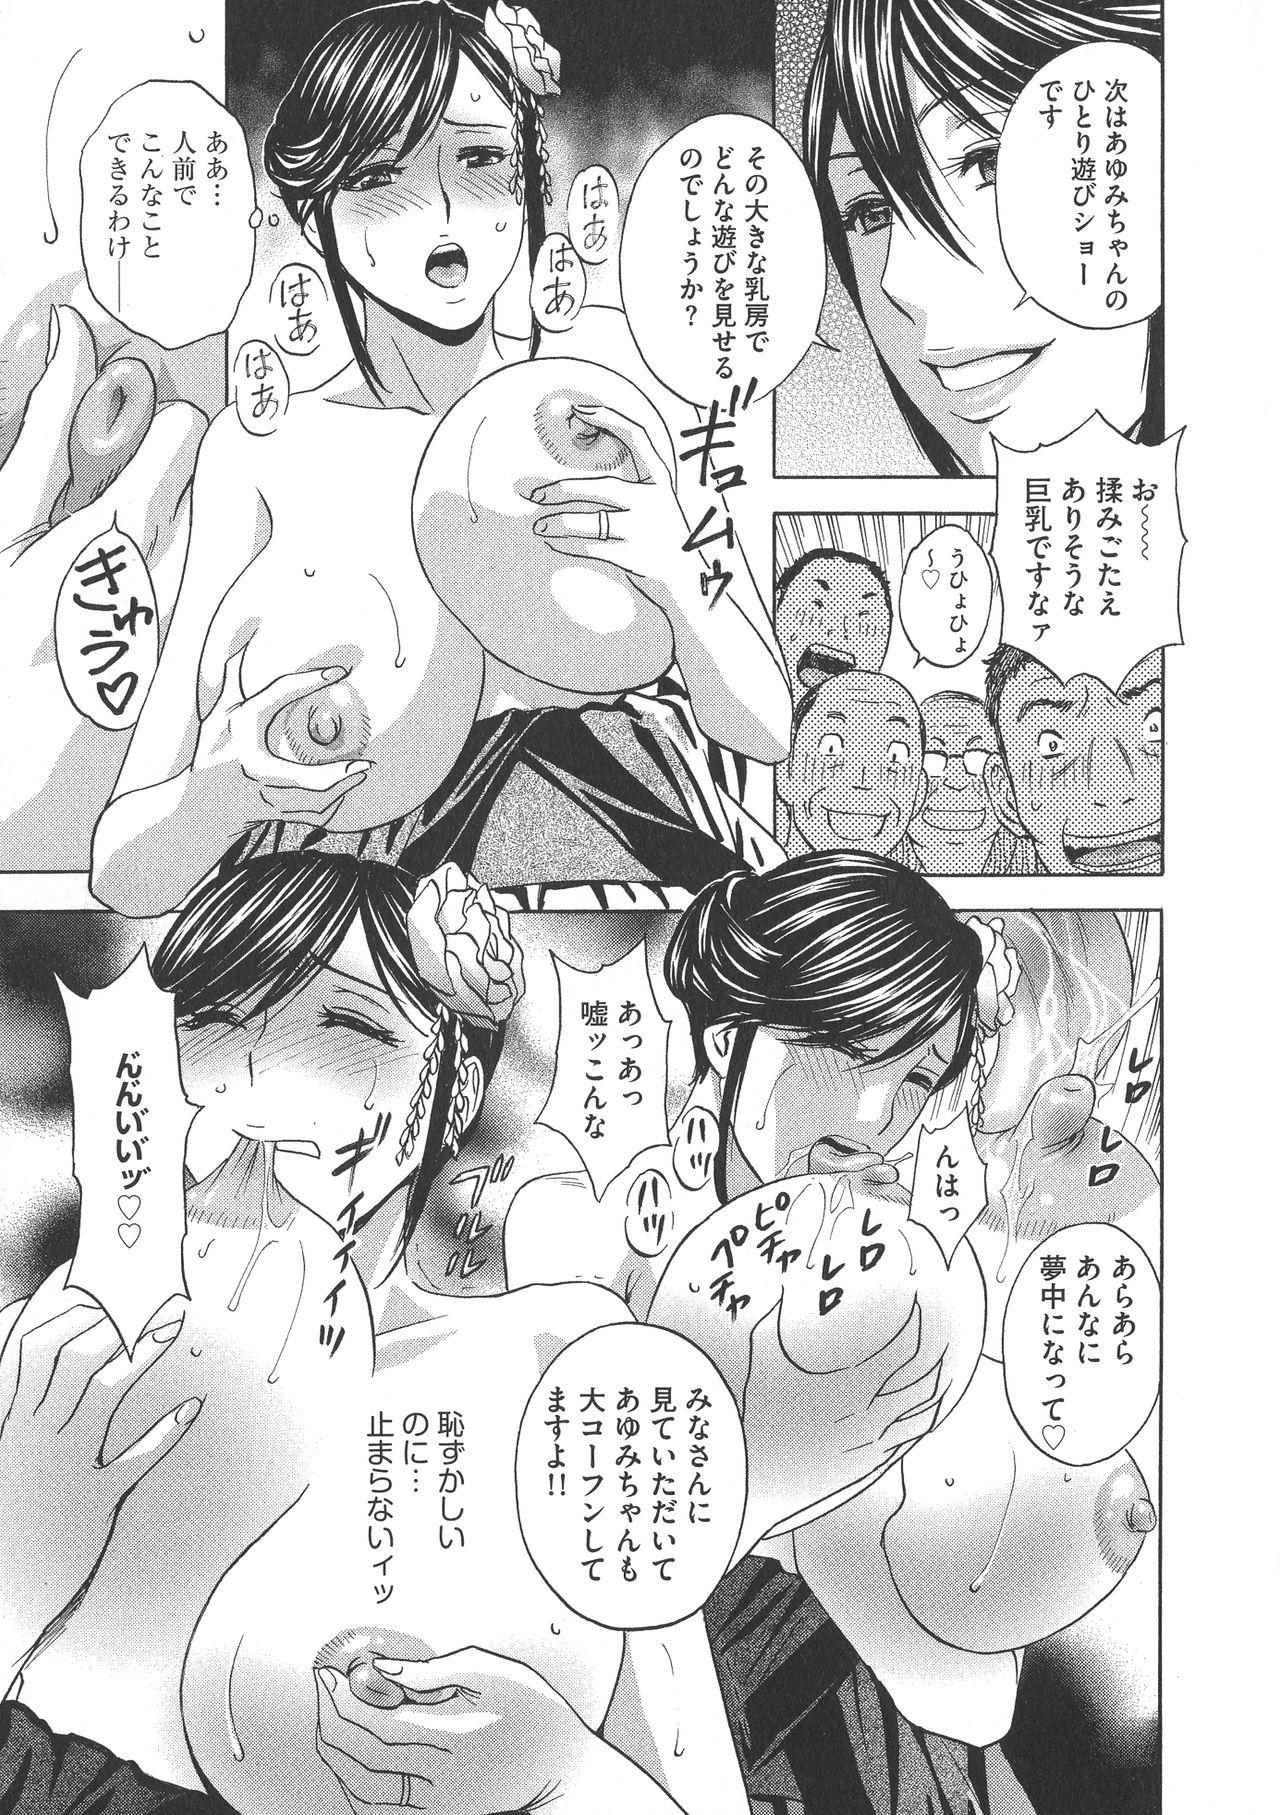 Chijoku ni Modaeru Haha no Chichi… 24